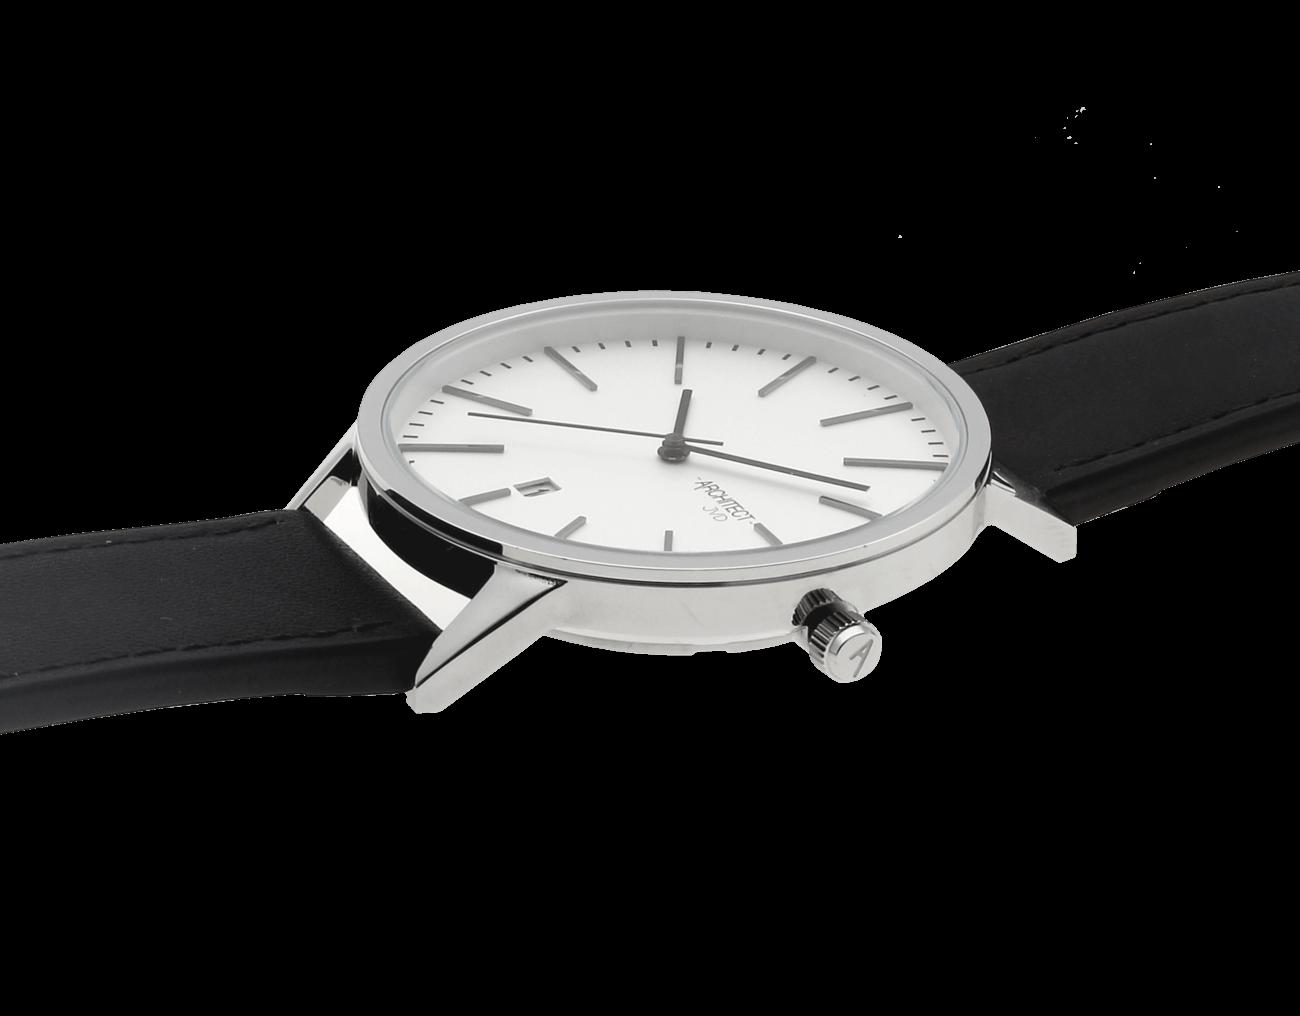 93b005077 Náramkové hodinky JVD AV-087 - cs   Jasněna Vláhová Design (JVD)